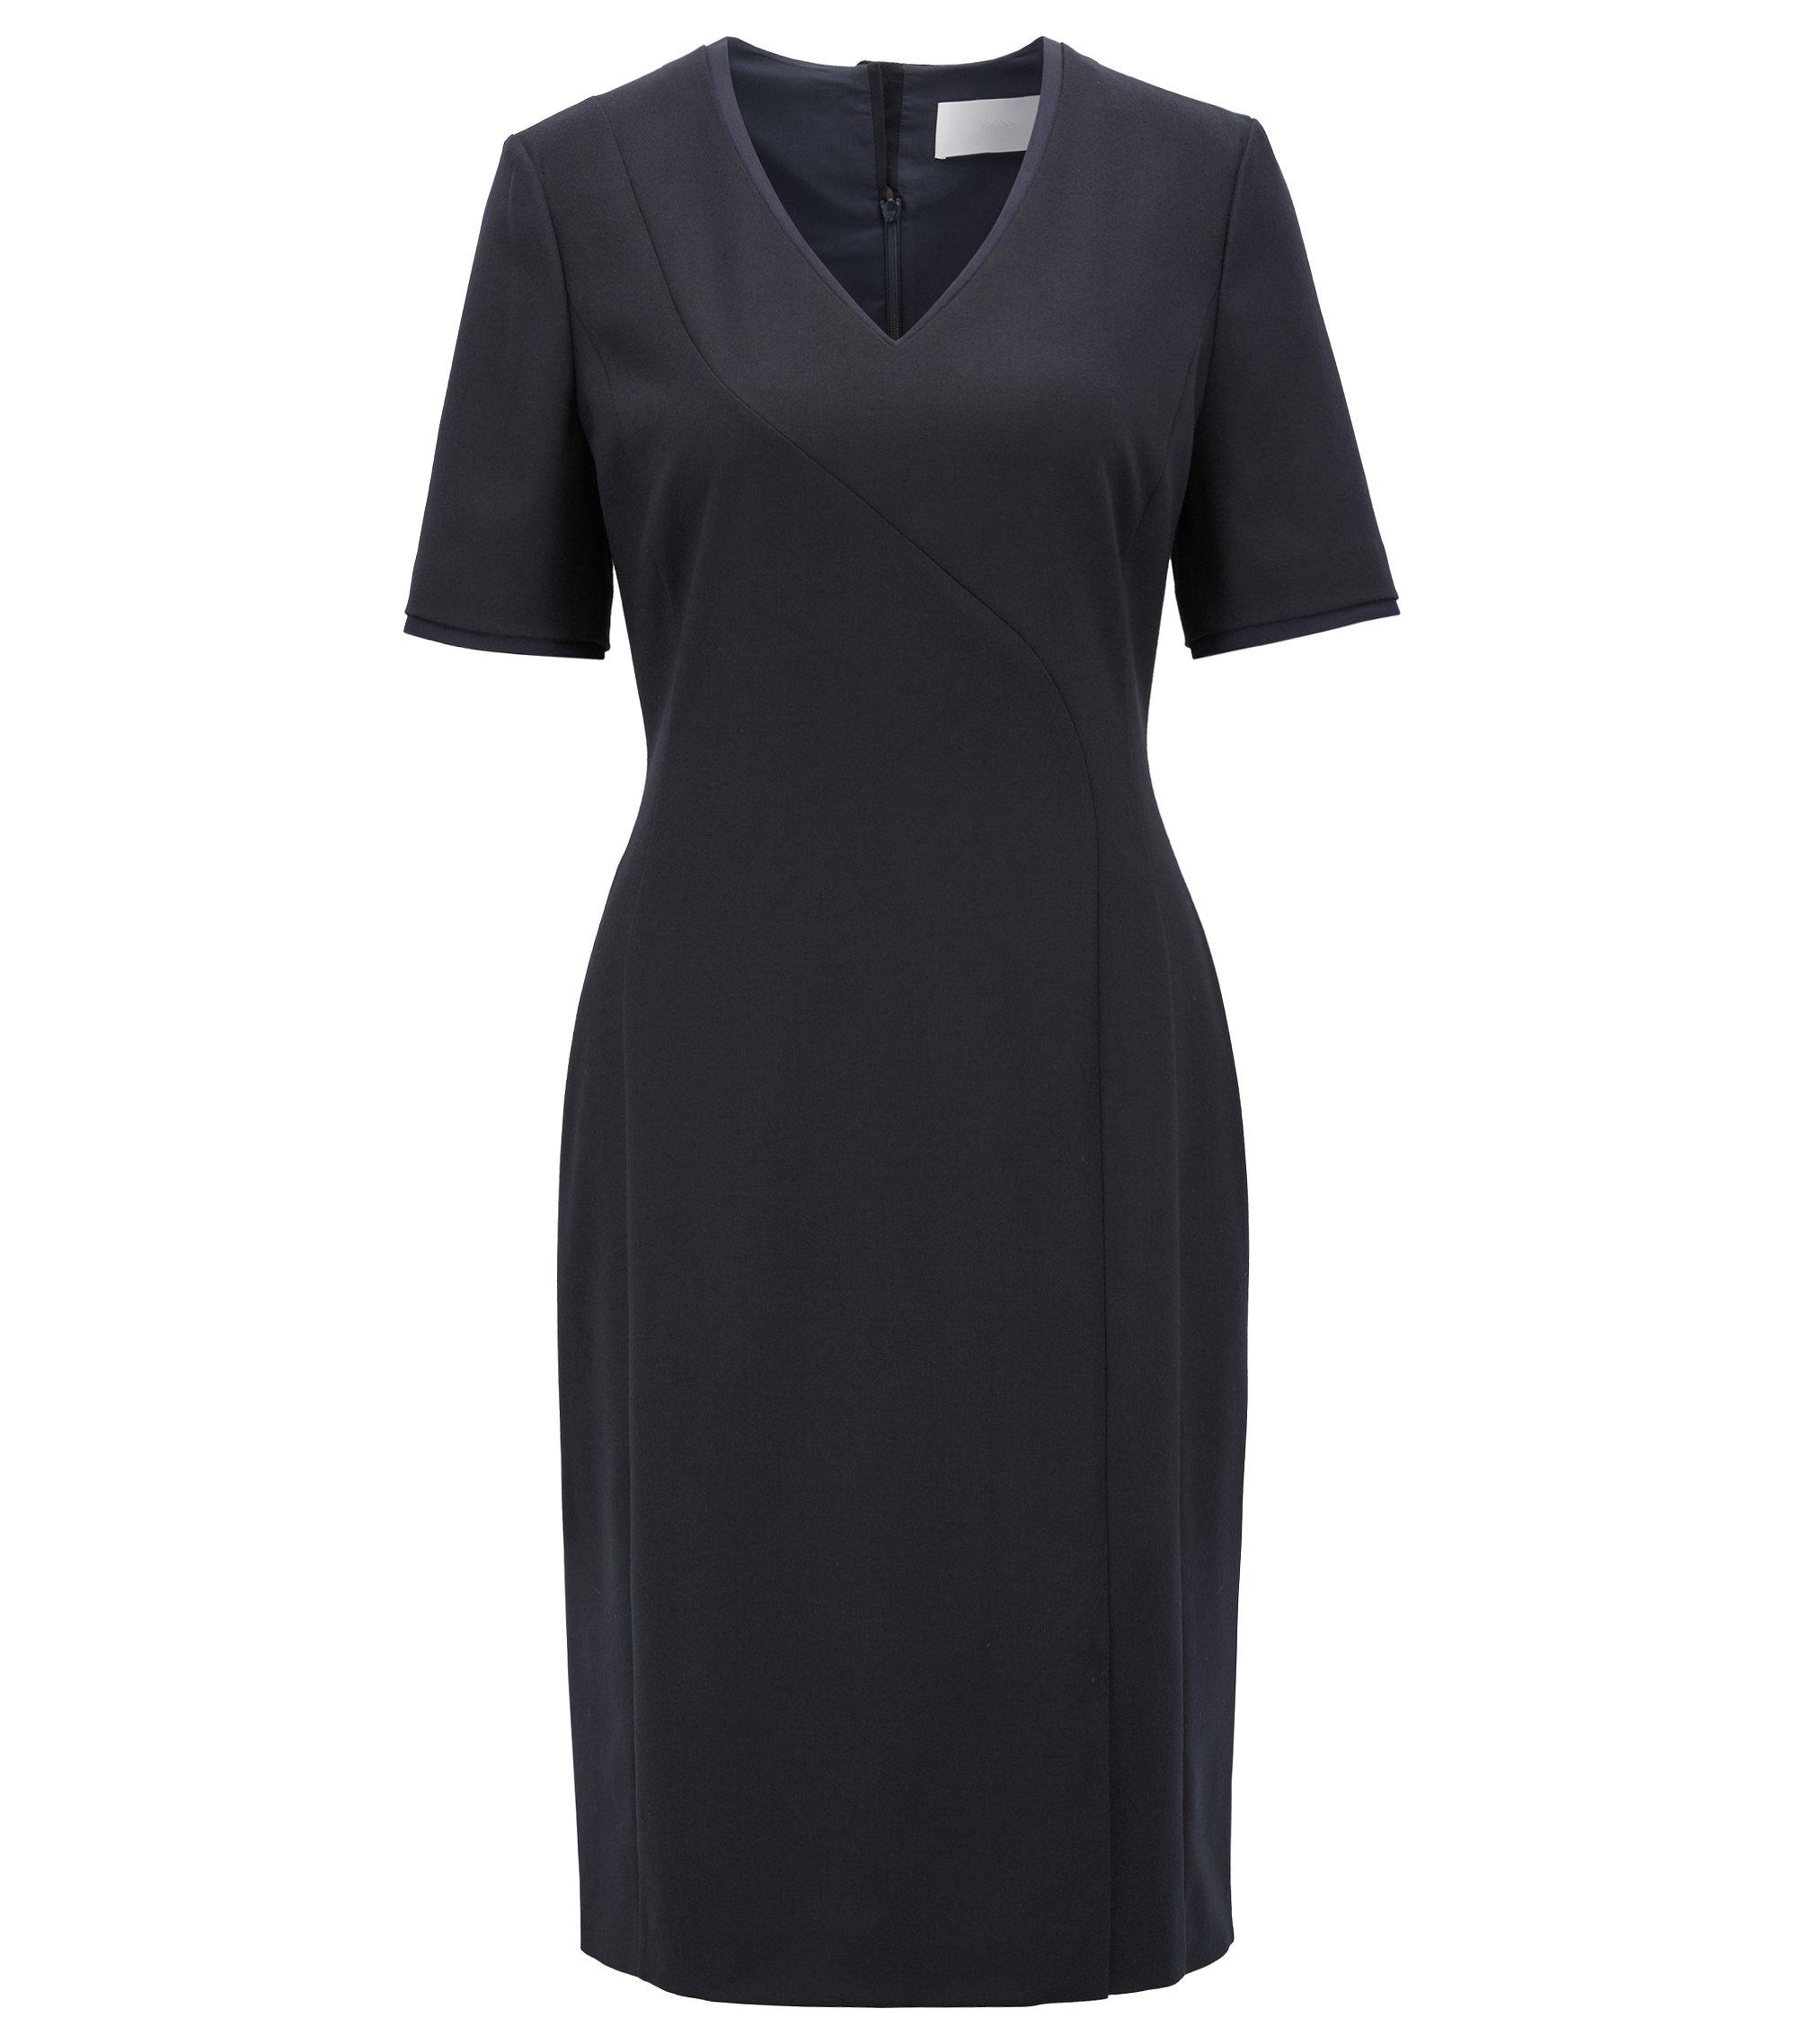 Kurzarm-Kleid aus elastischer Schurwolle mit V-Ausschnitt, Dunkelblau